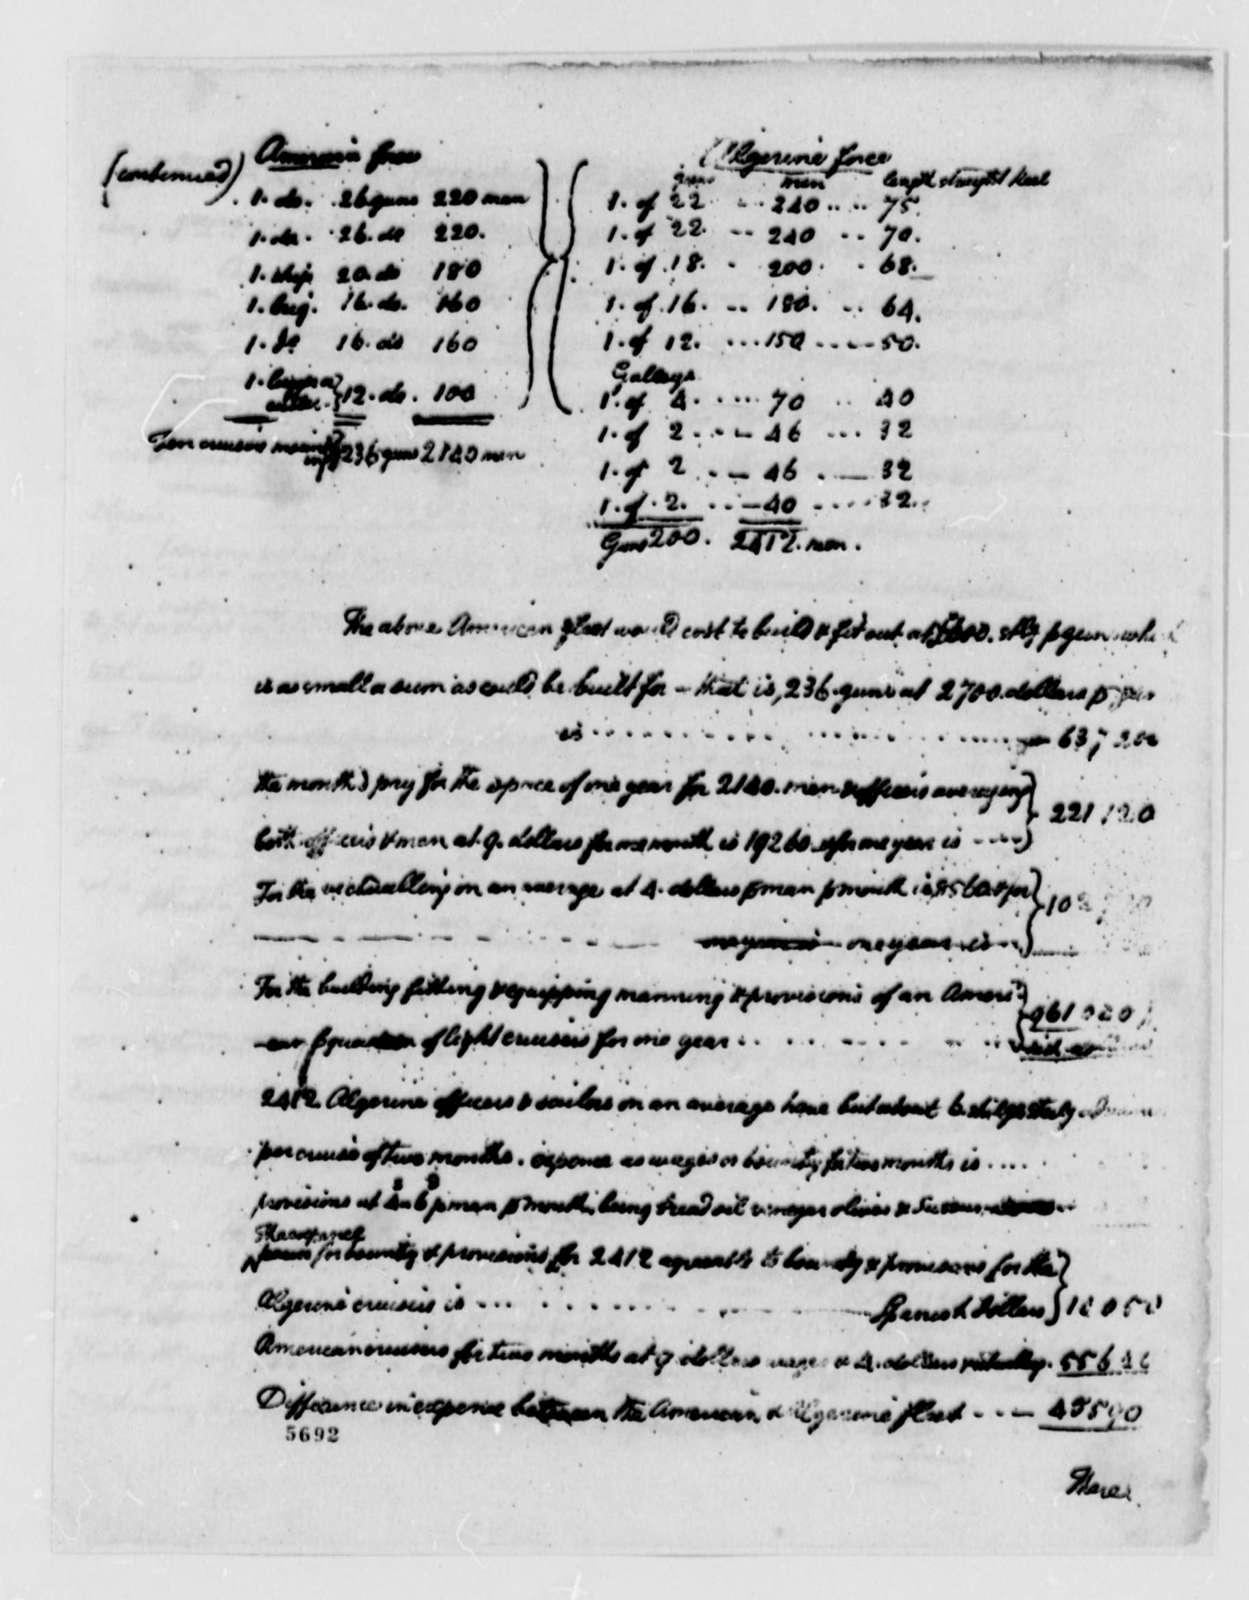 Richard O'Brien to Thomas Jefferson, September 25, 1787